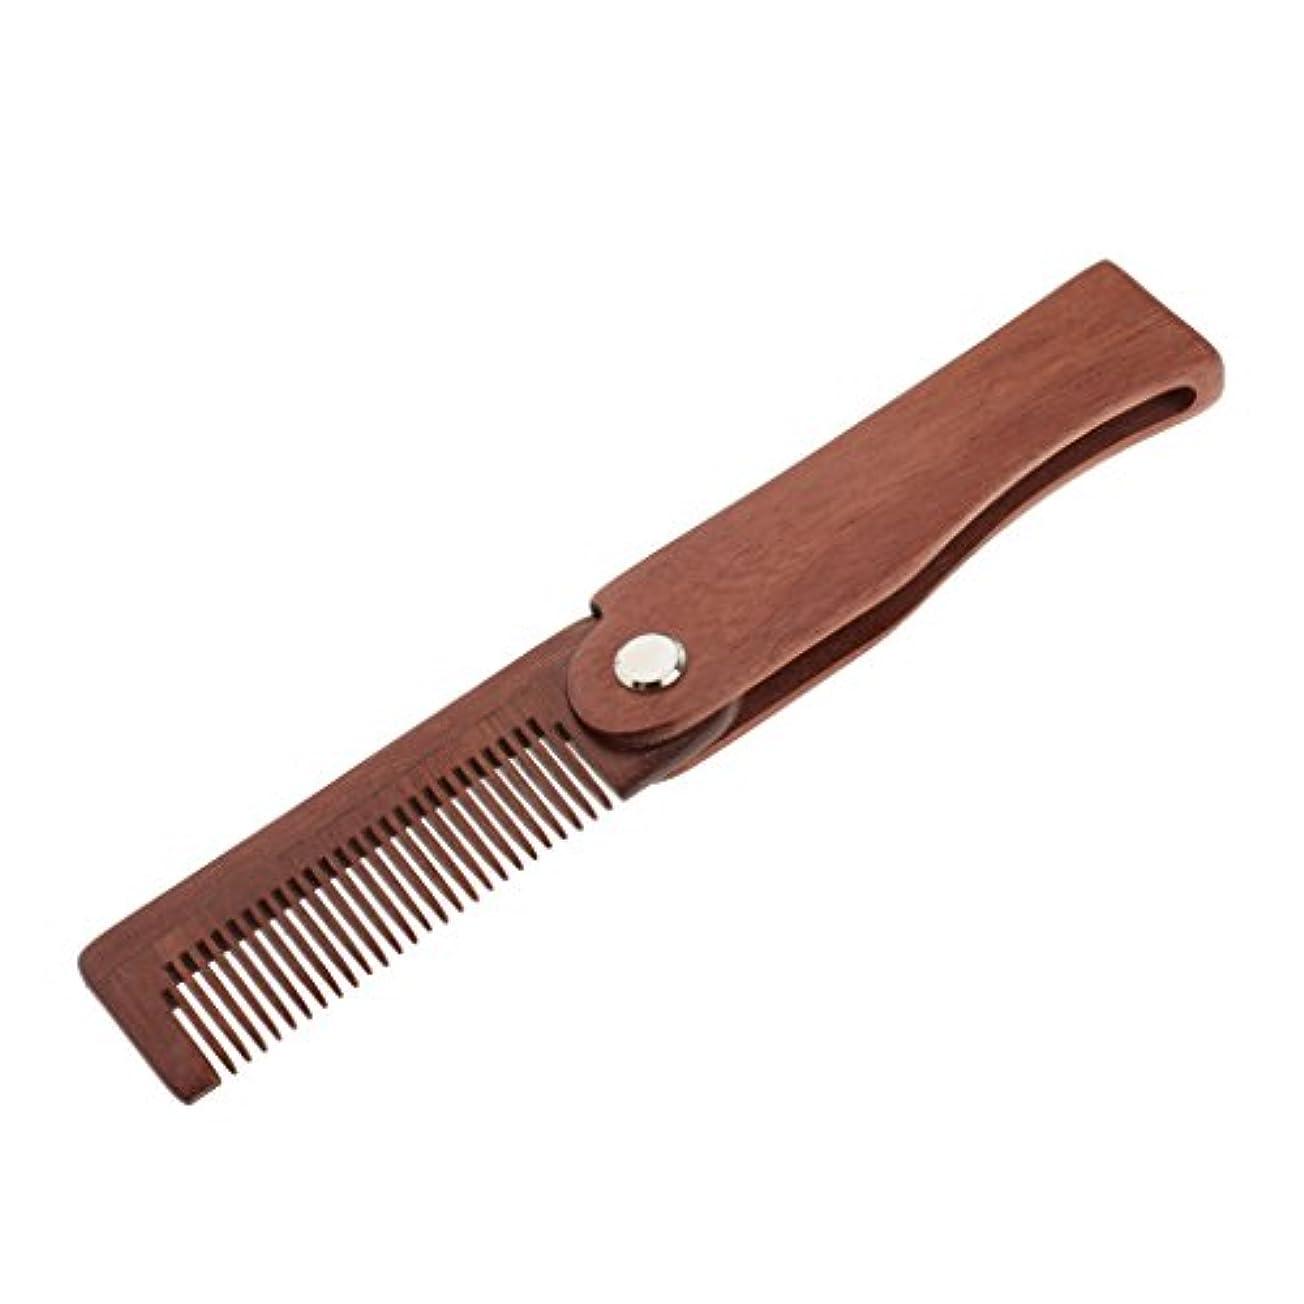 ひげ剃り櫛 木製櫛 折りたたみ コーム メンズ 髭剃り 便利 旅行小物